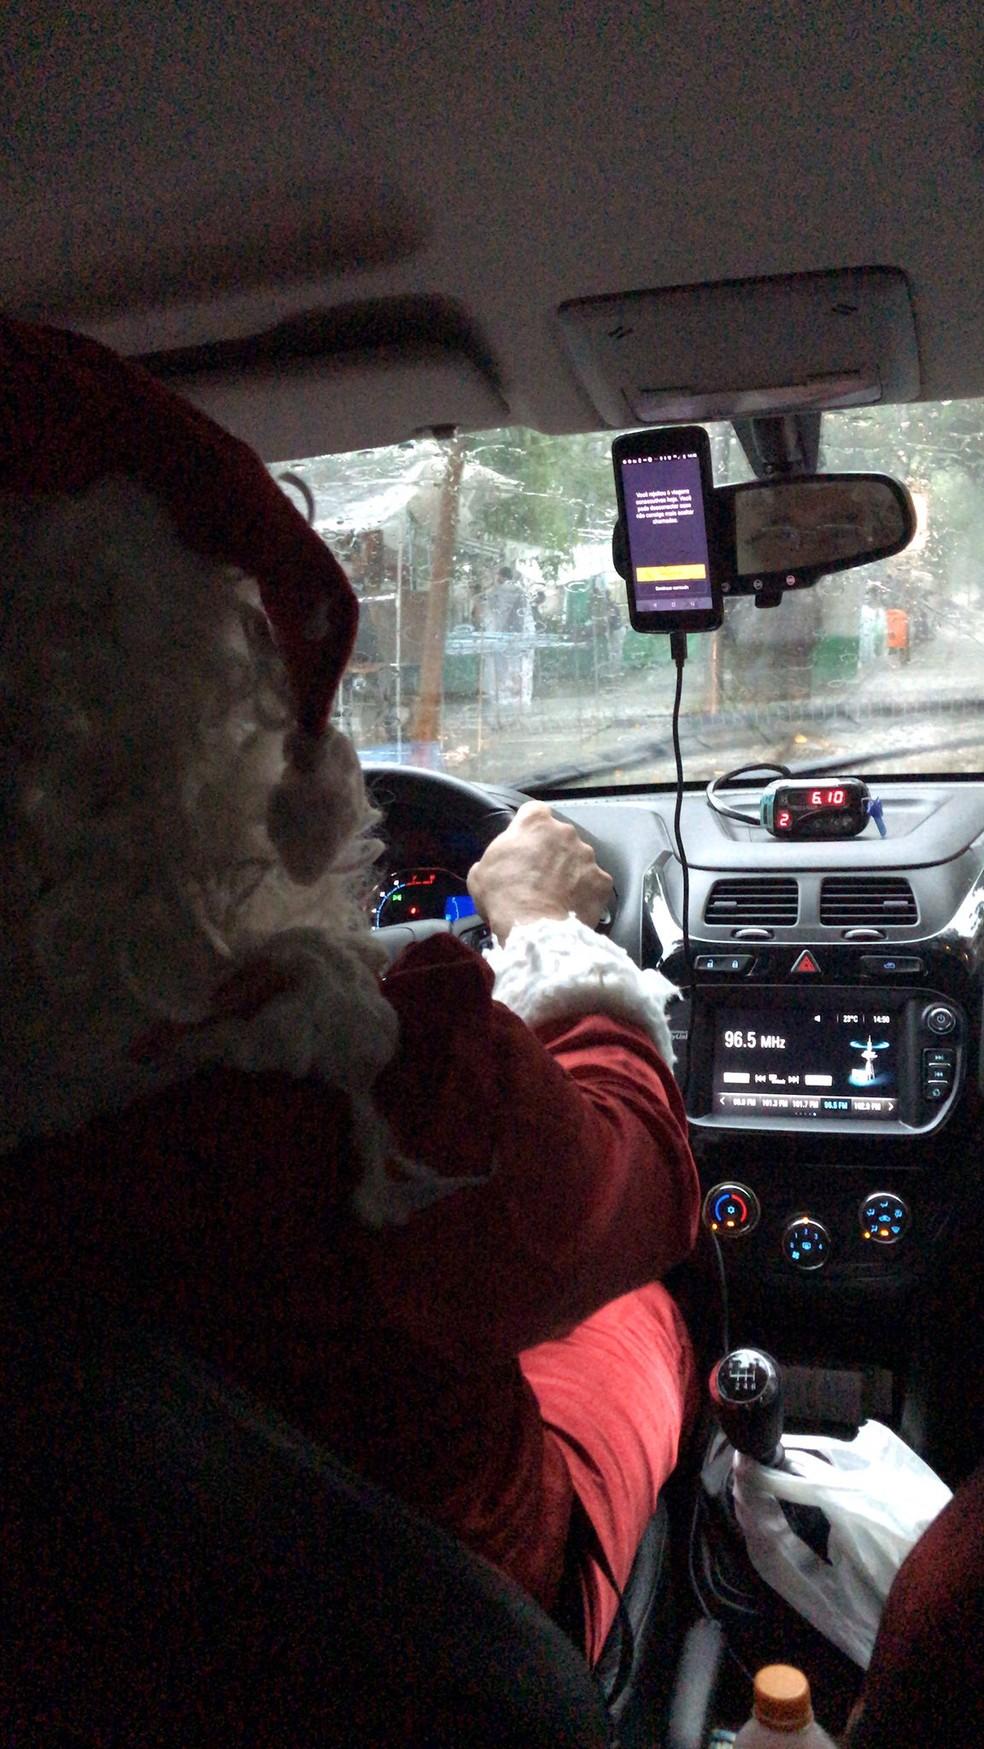 Papai Noel que 'resgatou' família de temporal em shopping no Rio — Foto: Arquivo pessoal